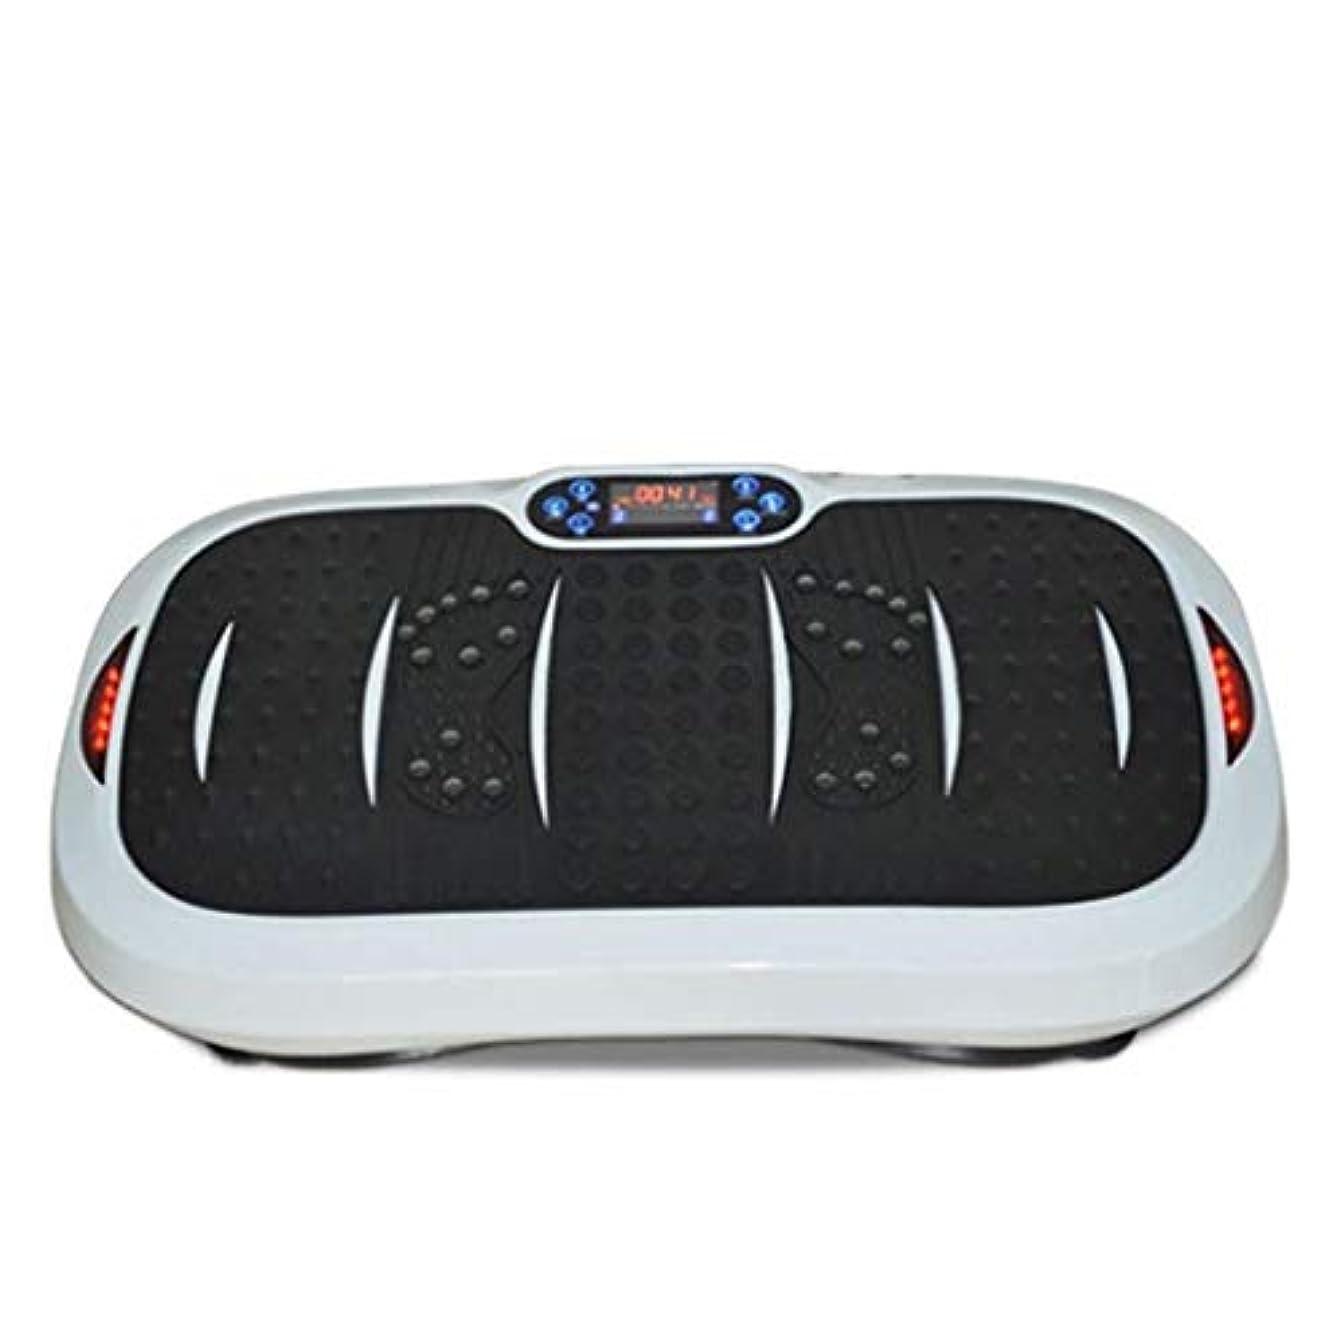 不正確喉頭医療の家庭用減量装置、超薄型振動フィットネストレーナー、スポーツおよび3Dフィットネス振動プレート、USB音楽/スピーカー付き/ 99レベル減速ボディおよびタッチディスプレイ滑り止め表面